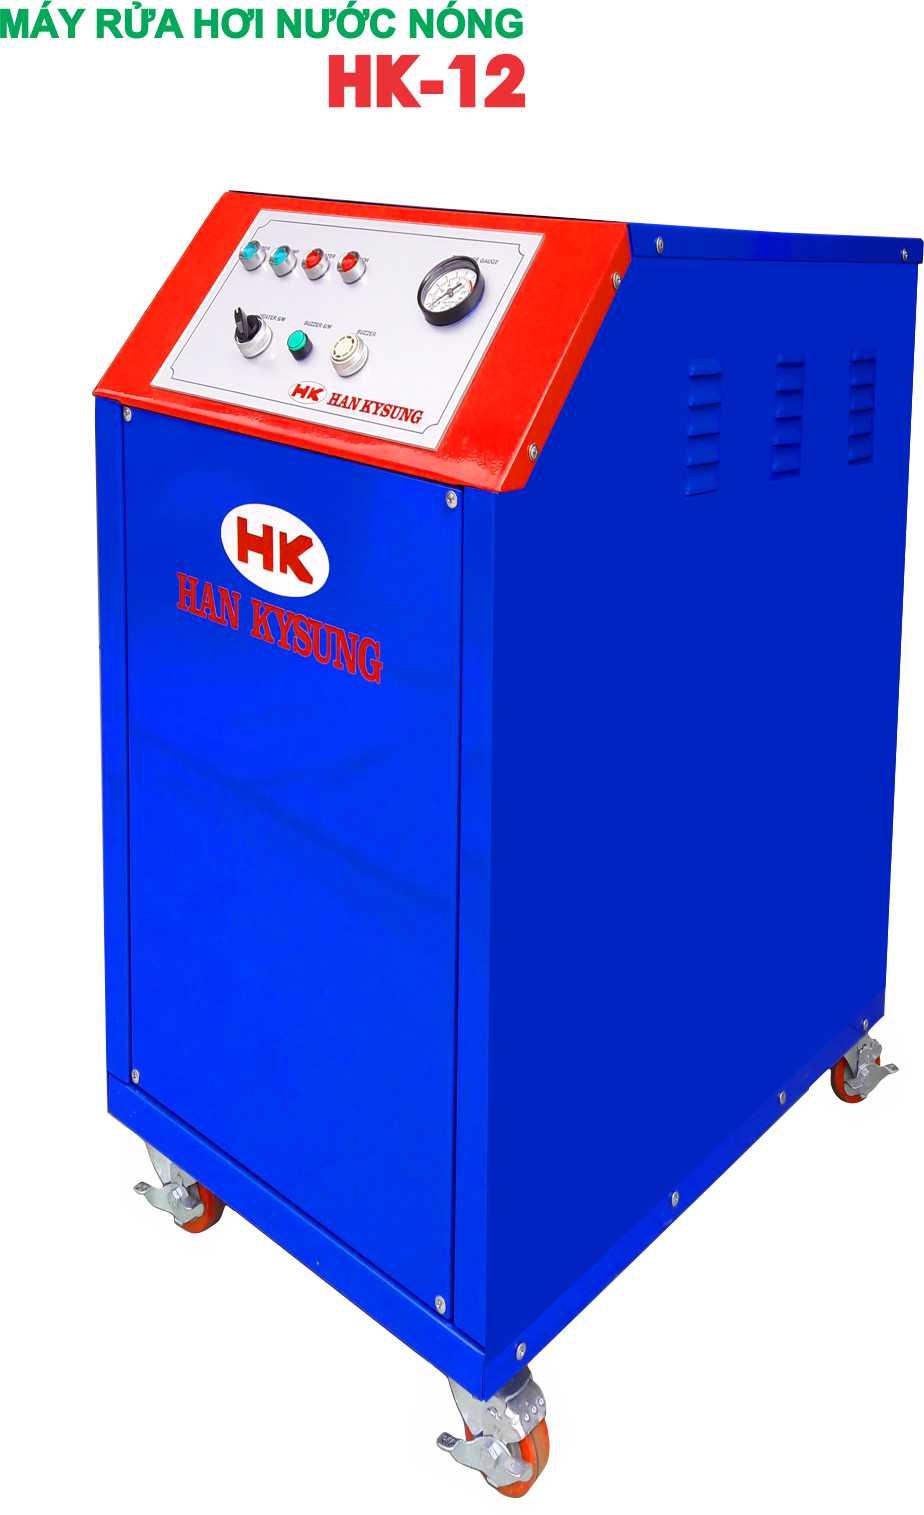 Máy rửa xe bằng hơi nước nóng, rửa xe hơi nước nóng